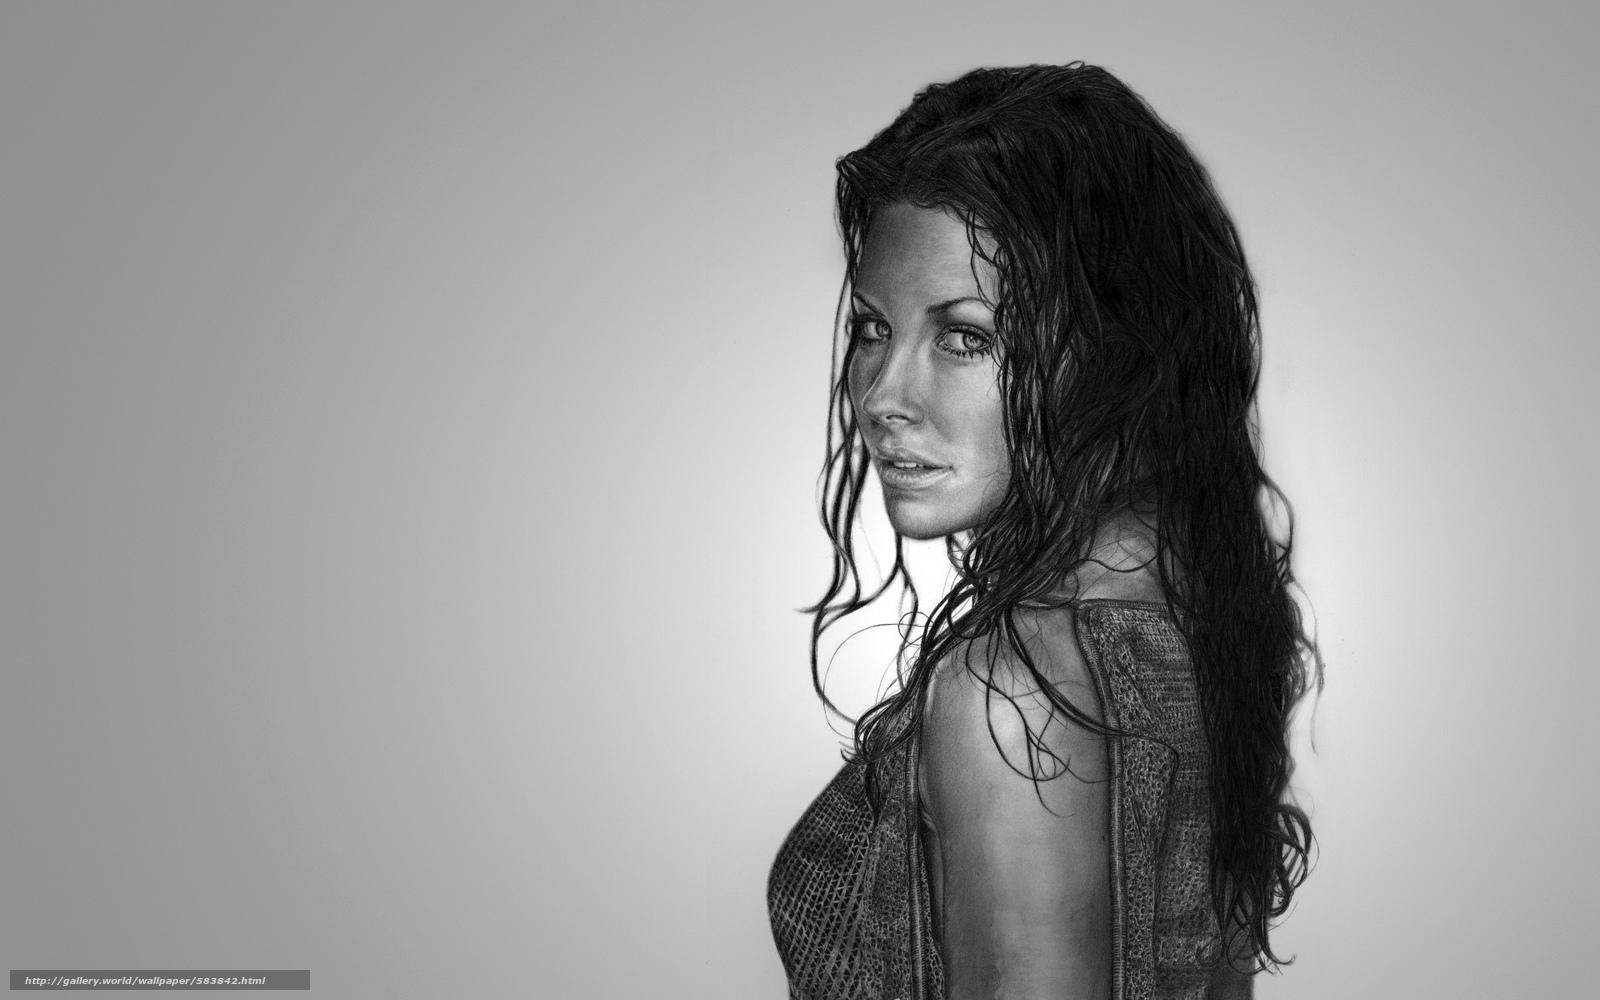 浅色背景, 湿漉漉的头发